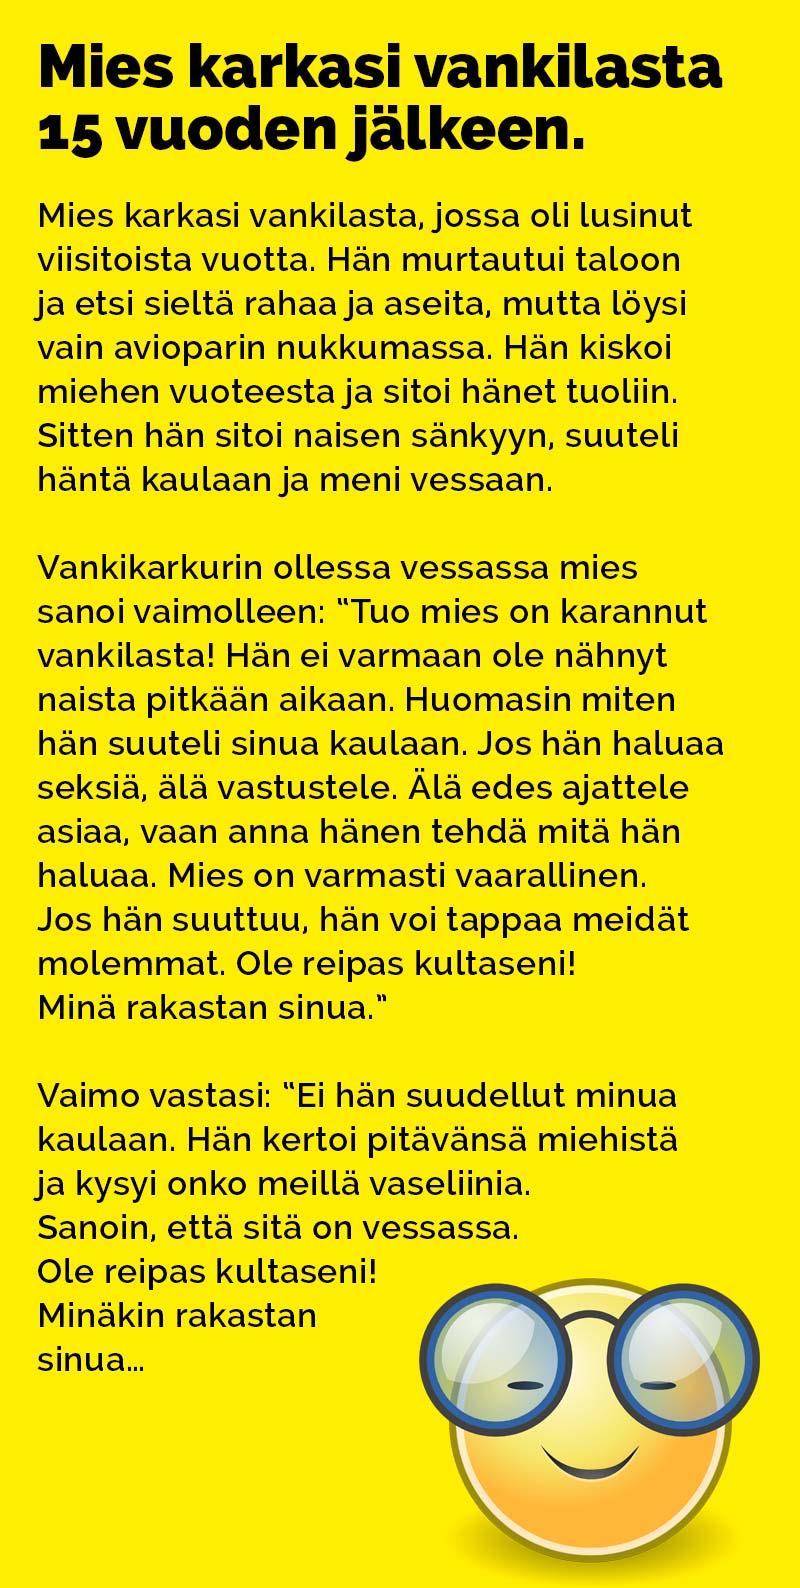 vitsit_mies_karkasi_vankilasta_2